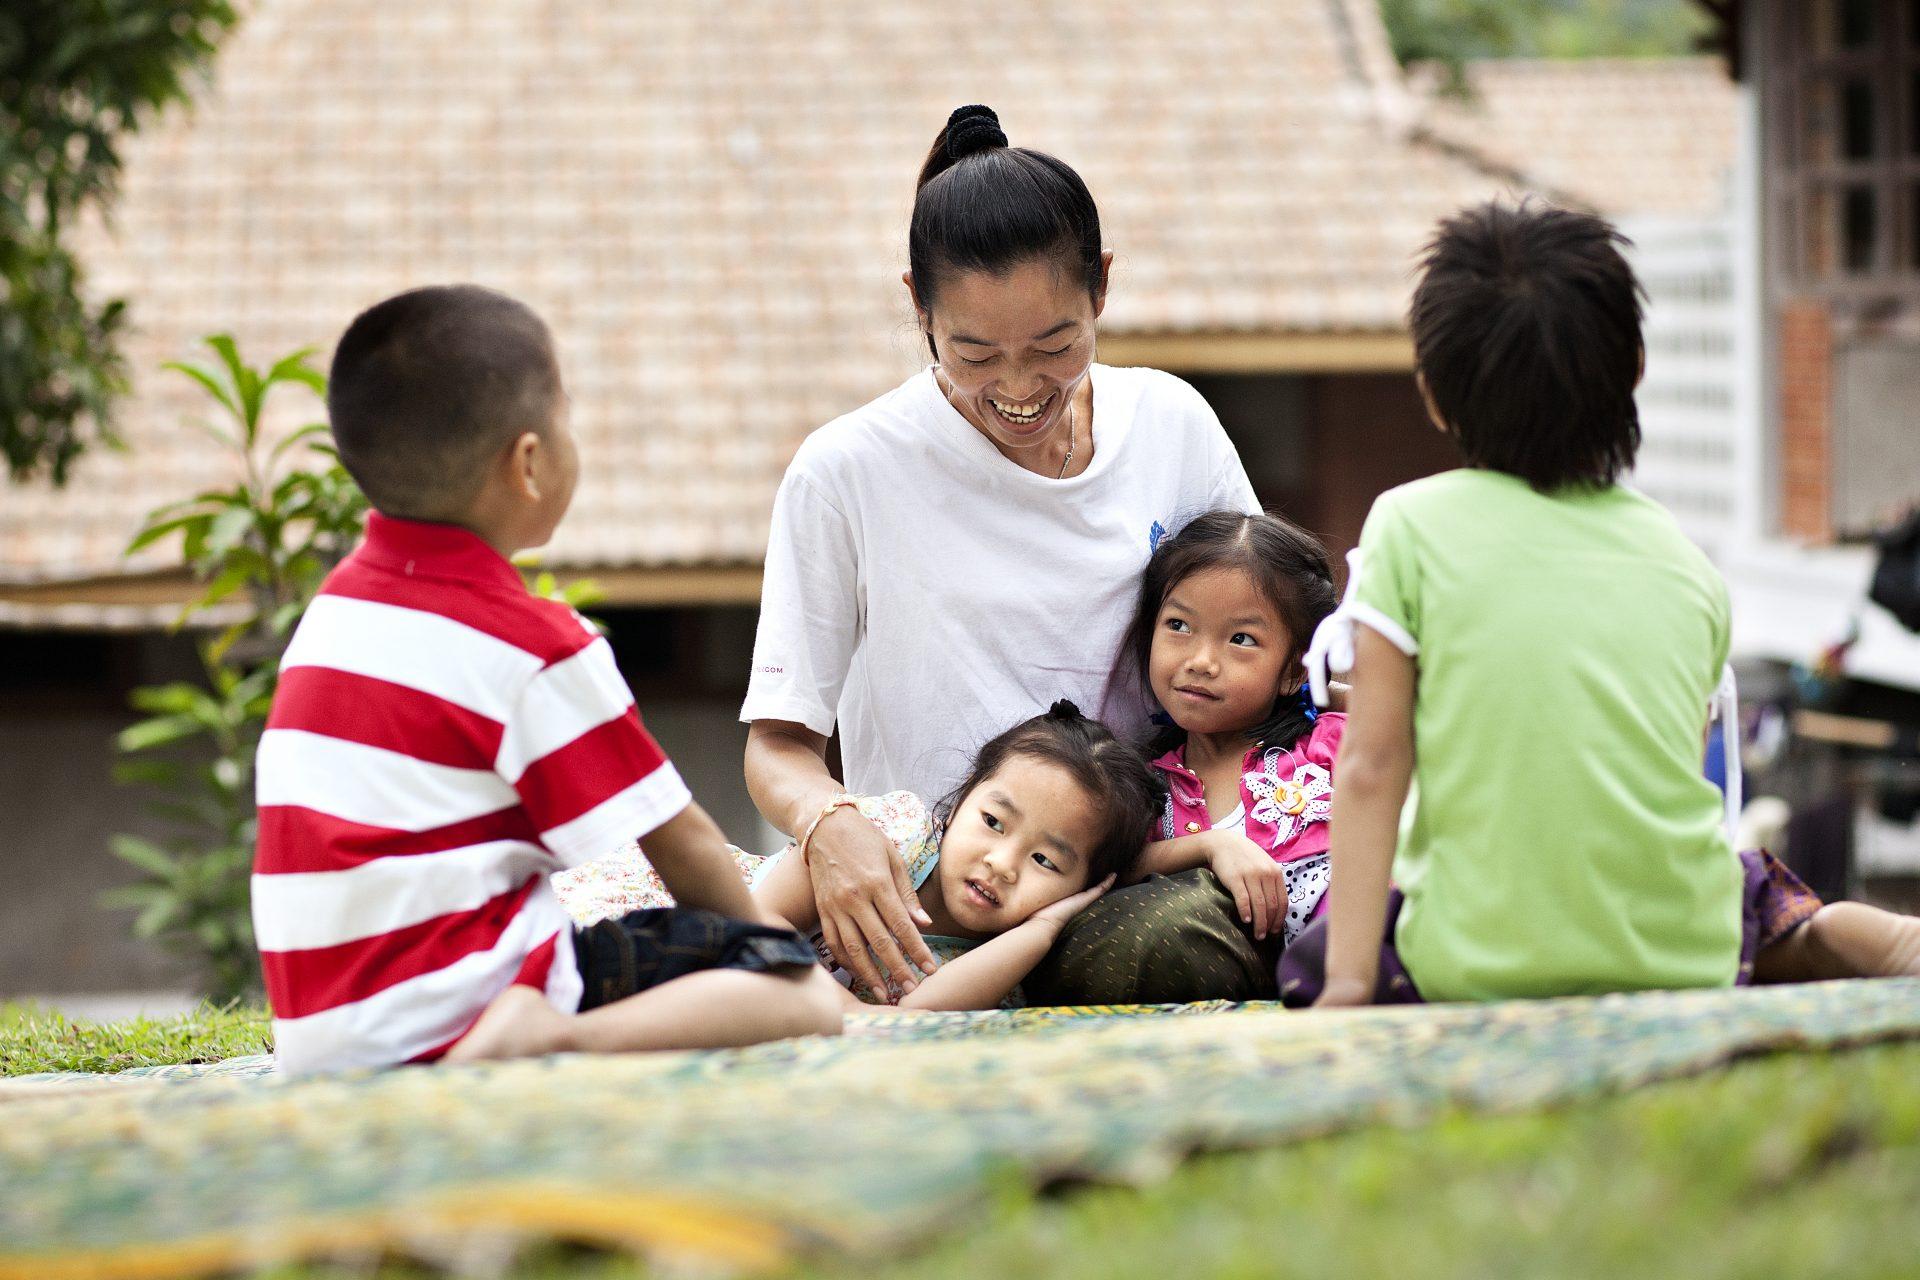 Sådan Hjælper Sos Børnebyerne Forældreløse Og Udsatte Børn